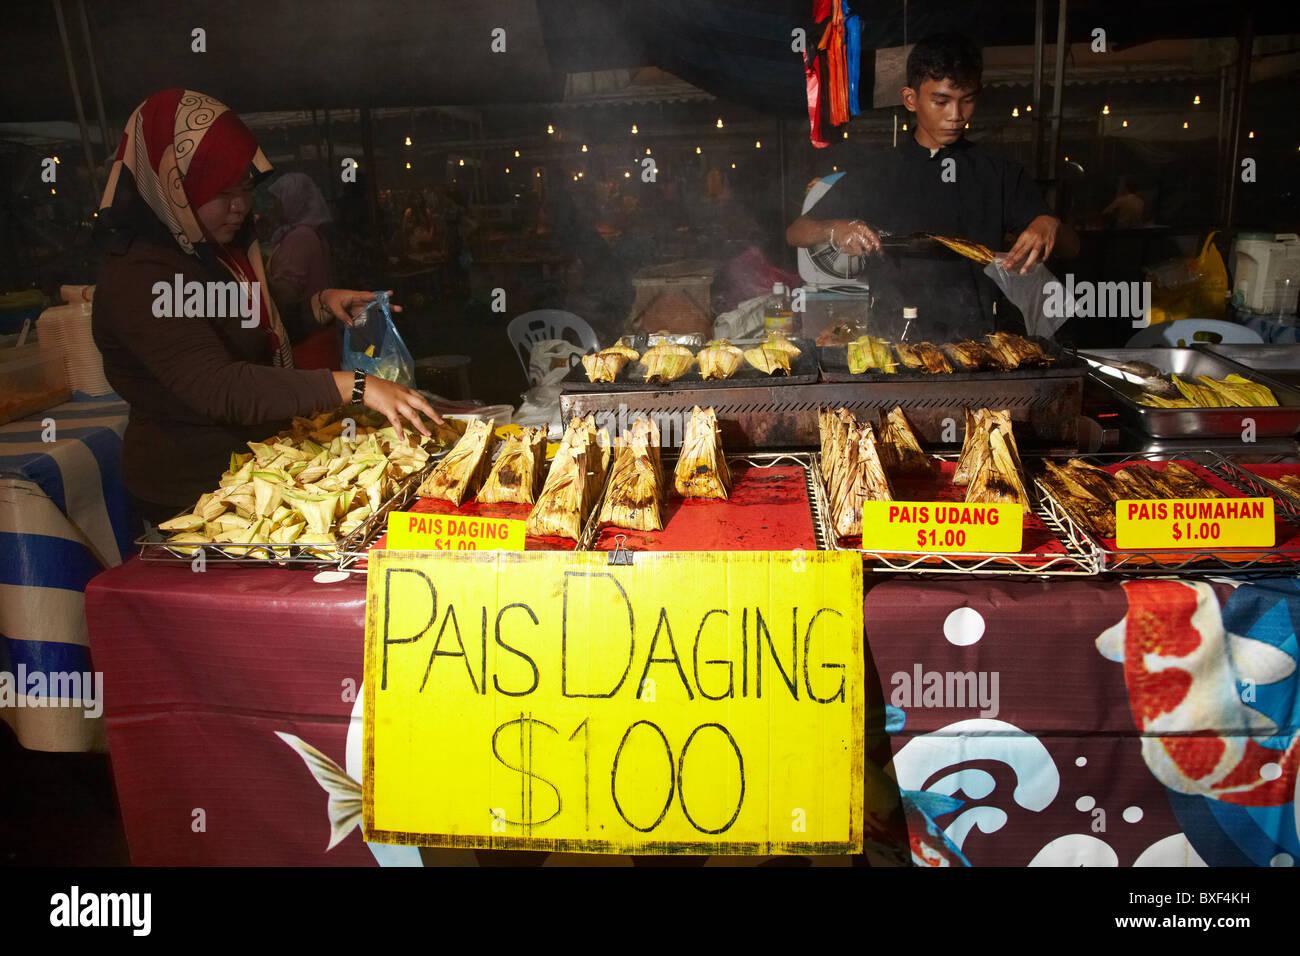 Food Stalls at Pasar Gadong in Bandar Seri Begawan, Brunei Darussalam, Asia - Stock Image